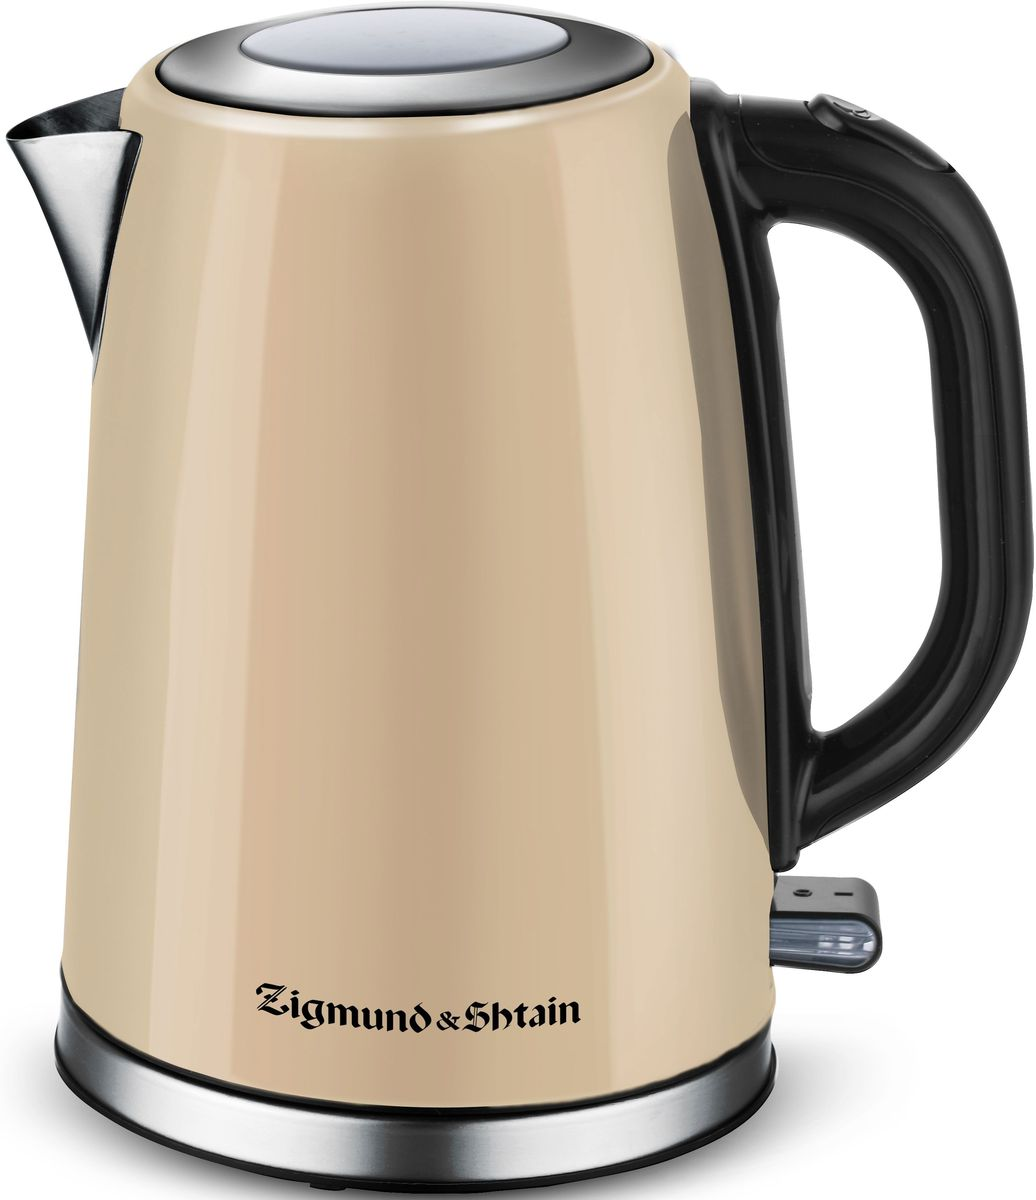 Zigmund & Shtain KE-717 электрический чайникKE-717Электрический чайник Zigmund & Shtain KE-717 станет незаменимым помощником на вашей кухне.Особенности:Механизм плавного поднятия крышки Soft-Lift,Контроллер Otter, Материал корпуса - нержавеющая сталь,Автоотключение при недостаточном количестве воды,Автоотключение при снятии чайника с базы,Автоотключение при закипании,Съемный фильтр, Закрытый нагревательный элемент.